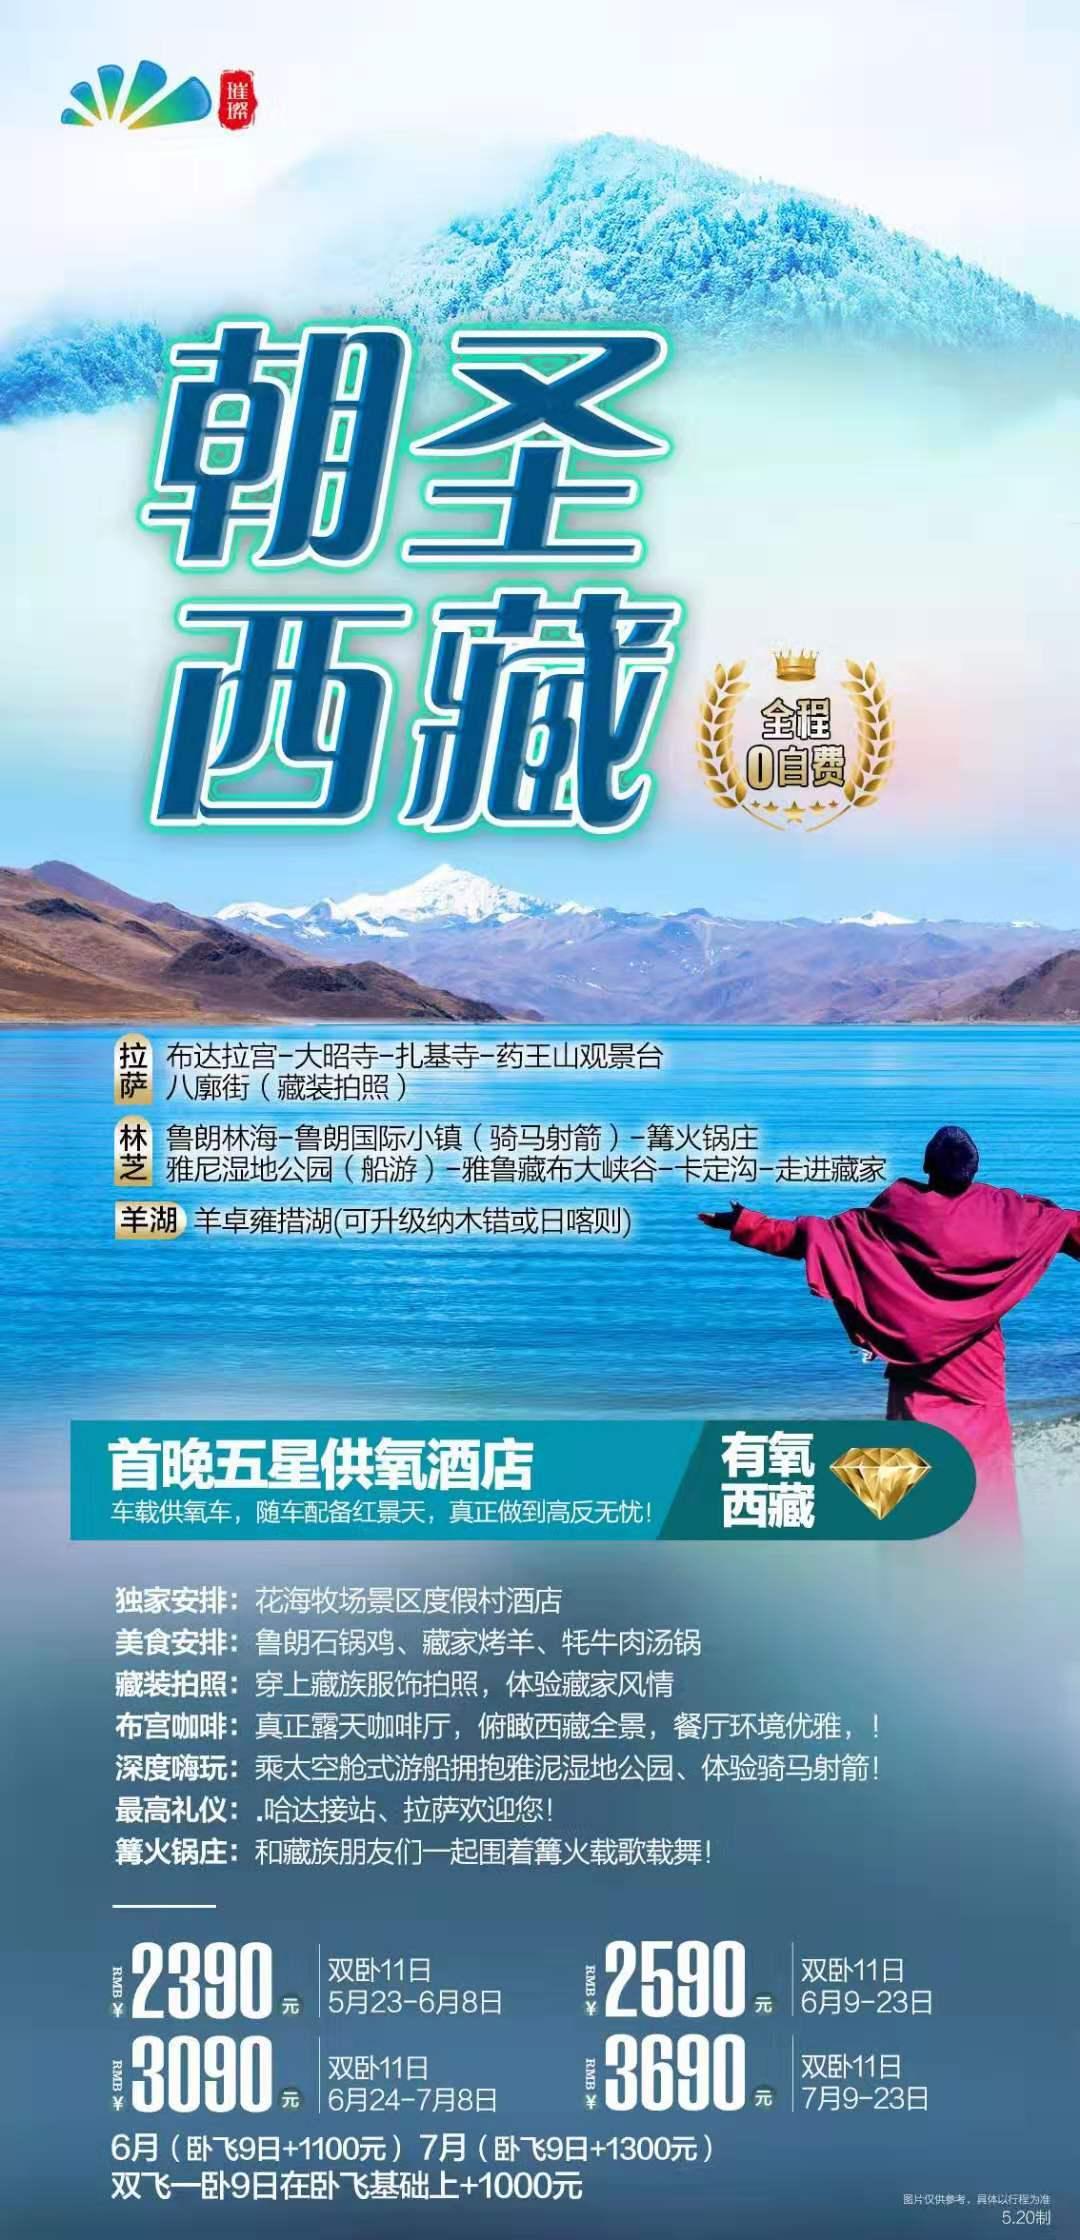 朝圣西藏0自费